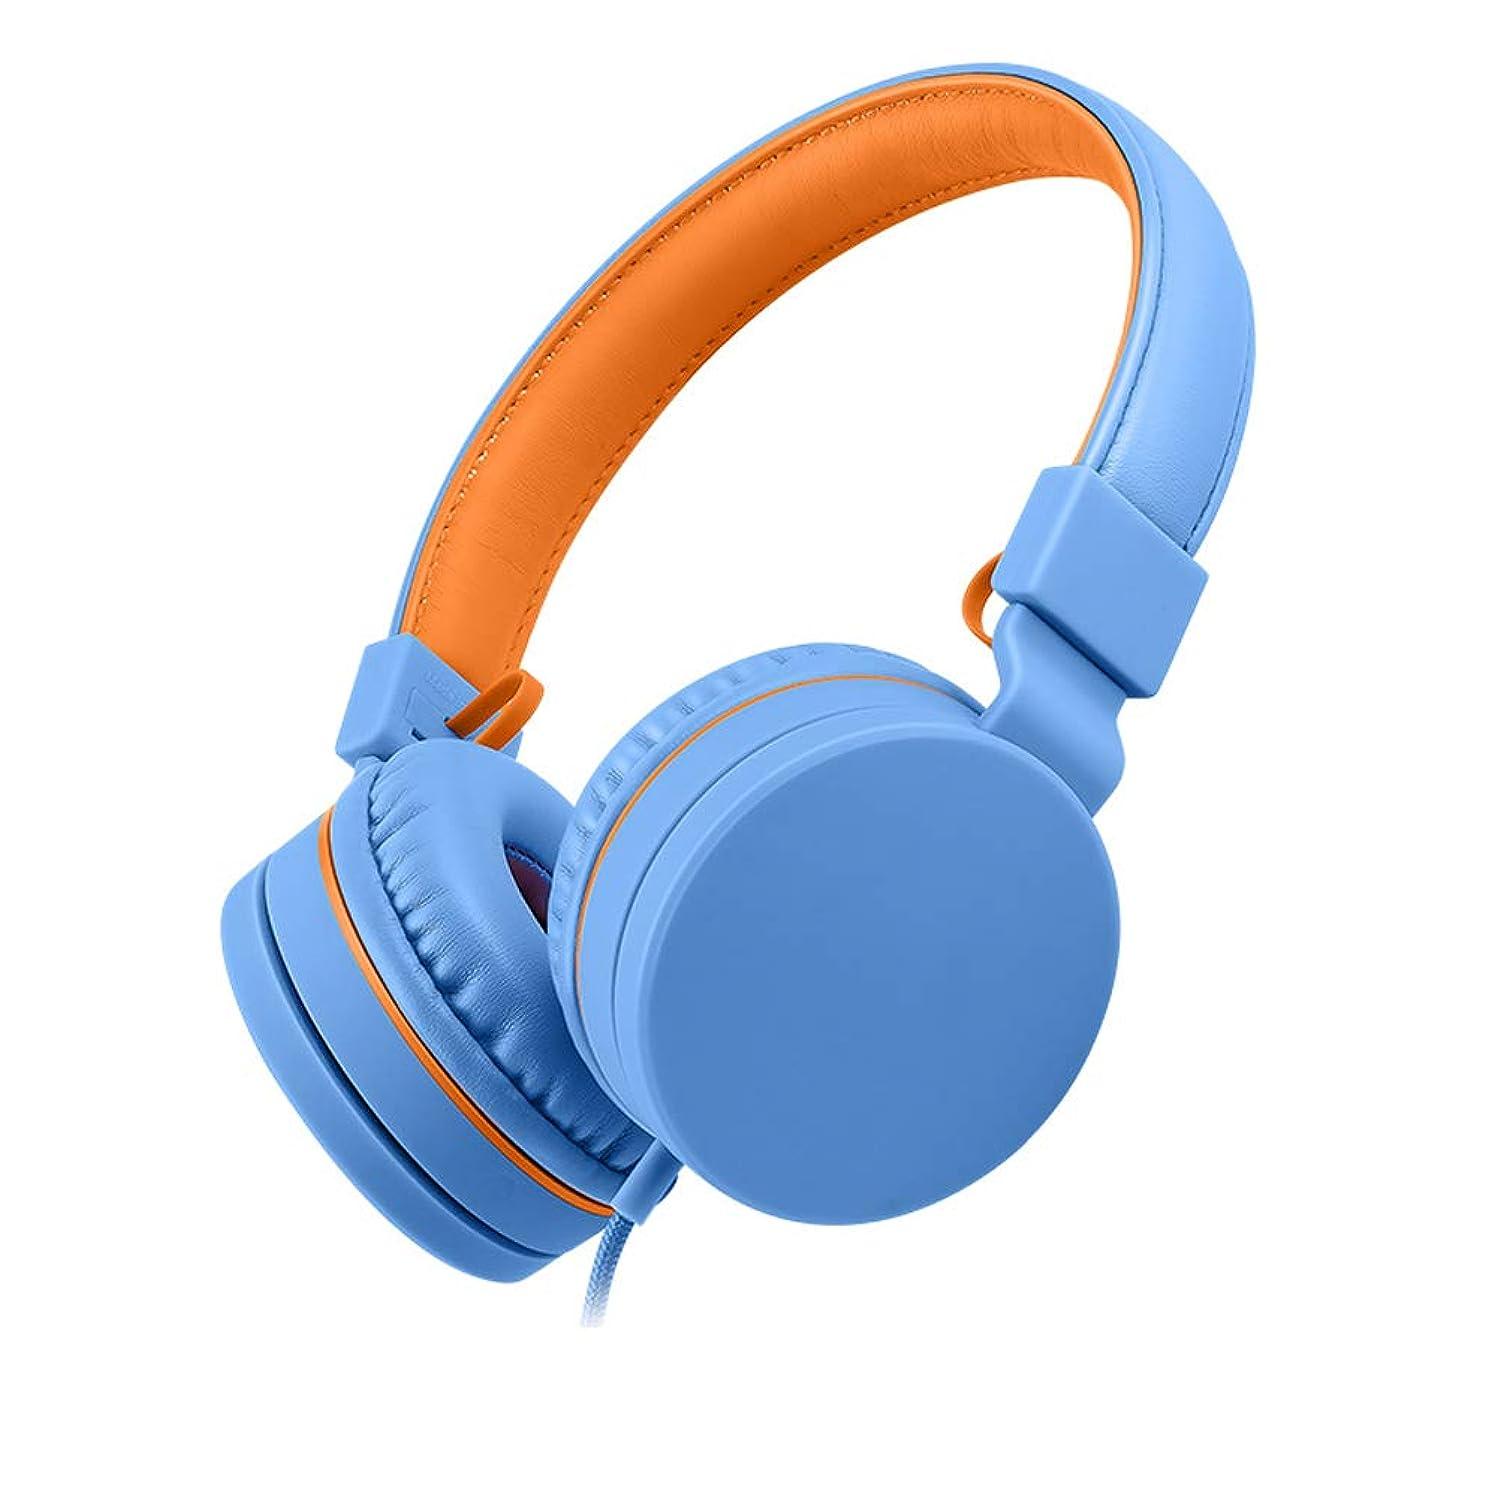 生産的アストロラーベ傑出した子供のヘッドフォンは、マイクのヘッドフォンで男の子と女の子を学習ワイヤーかわいい耳元のネットワークは、携帯電話のノートパソコンの一般的な専門家を聞く (Color : Orange Blue)